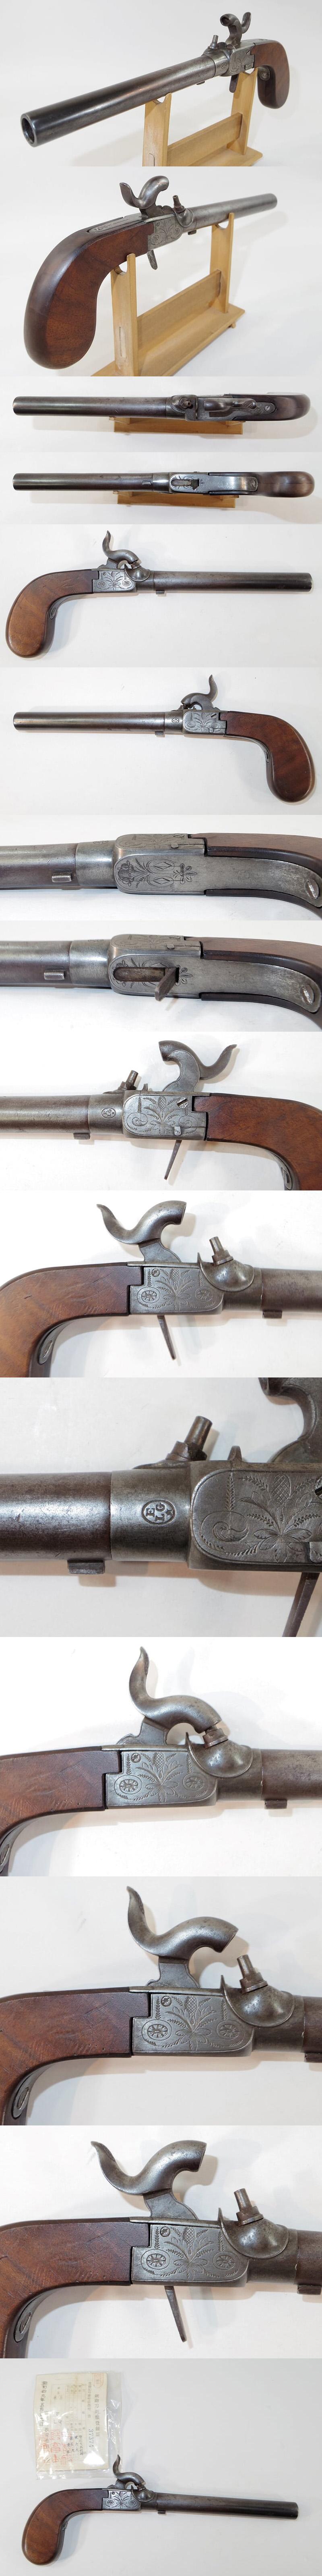 管打銃  ベルギー製(リエージュ)各部分画像